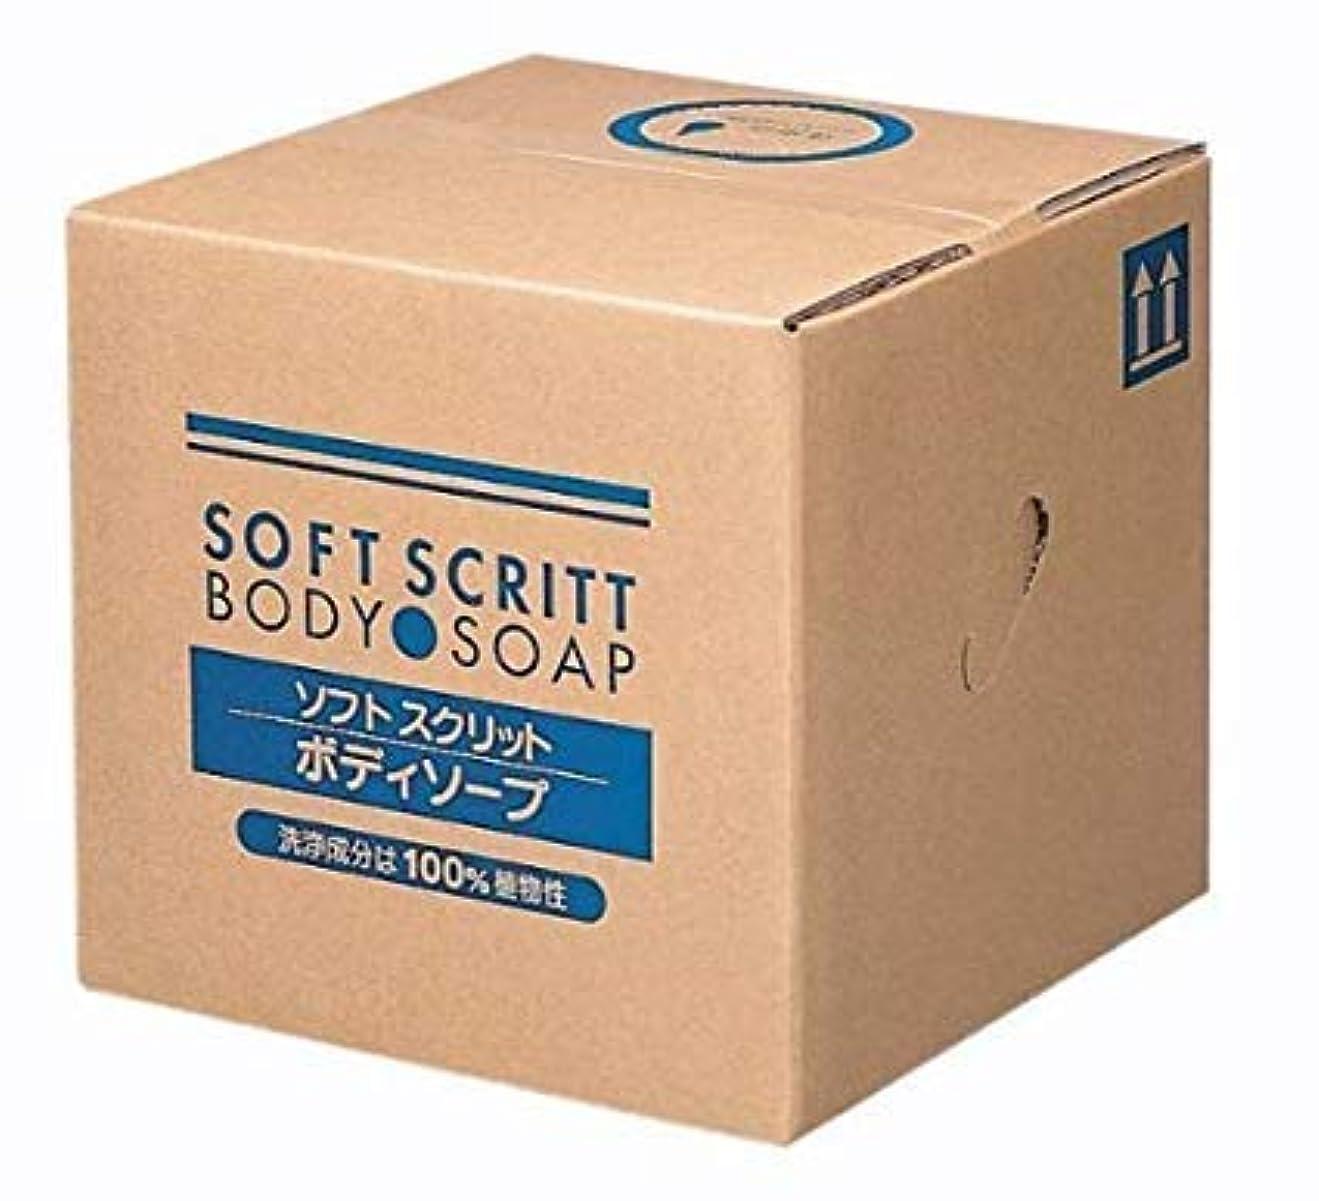 ジャンクション議会時期尚早SOFT SCRITT(ソフトスクリット) ボディソープ 詰替用 18L 4353 (熊野油脂) (清拭小物)